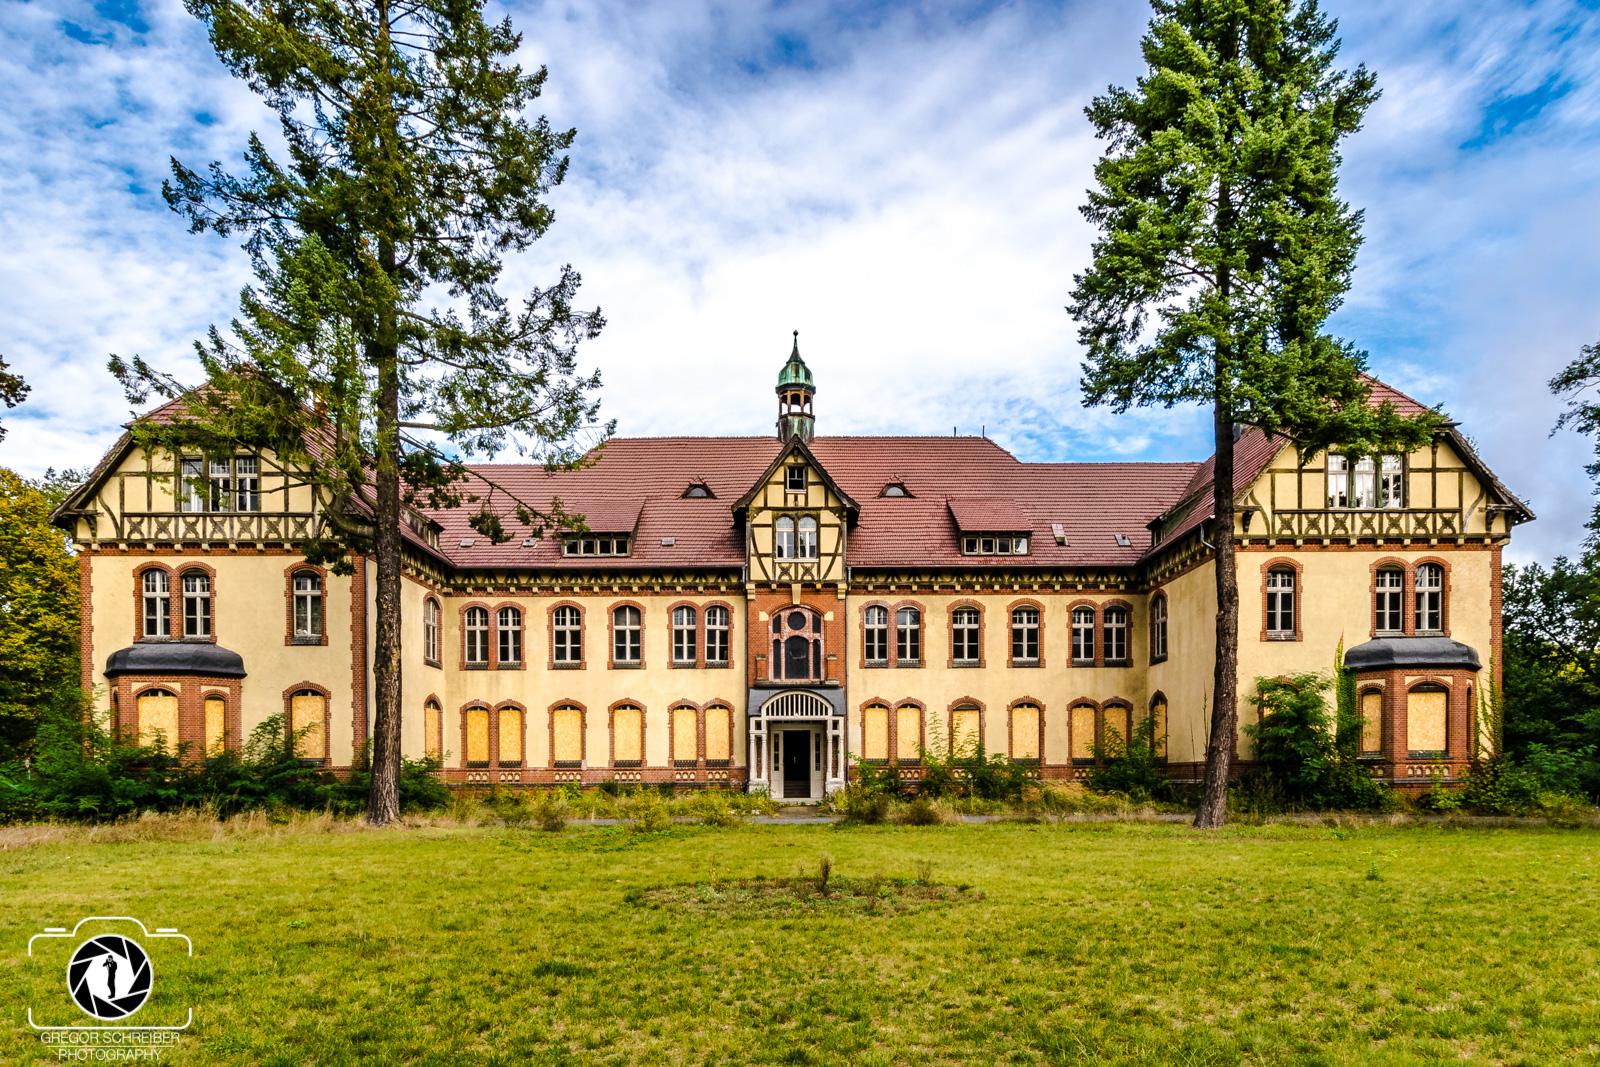 Lost Places - Beelitz Heilstätten Verwaltungshaus